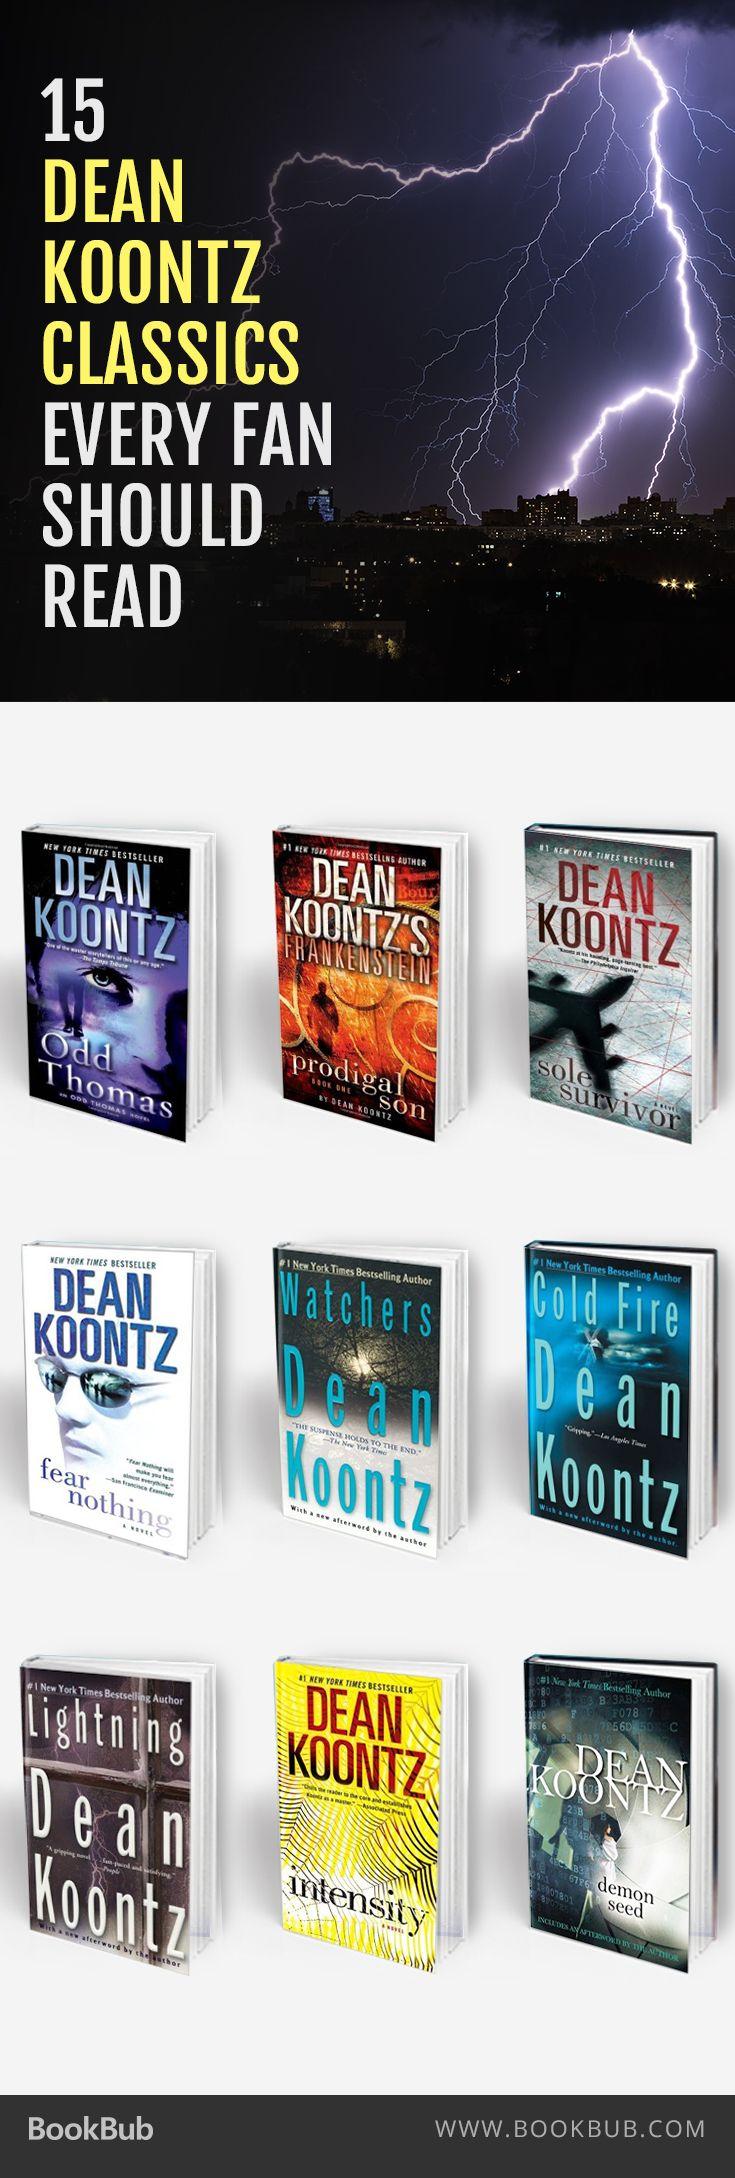 15 Dean Koontz Classics To Get You In The Halloween Spirit